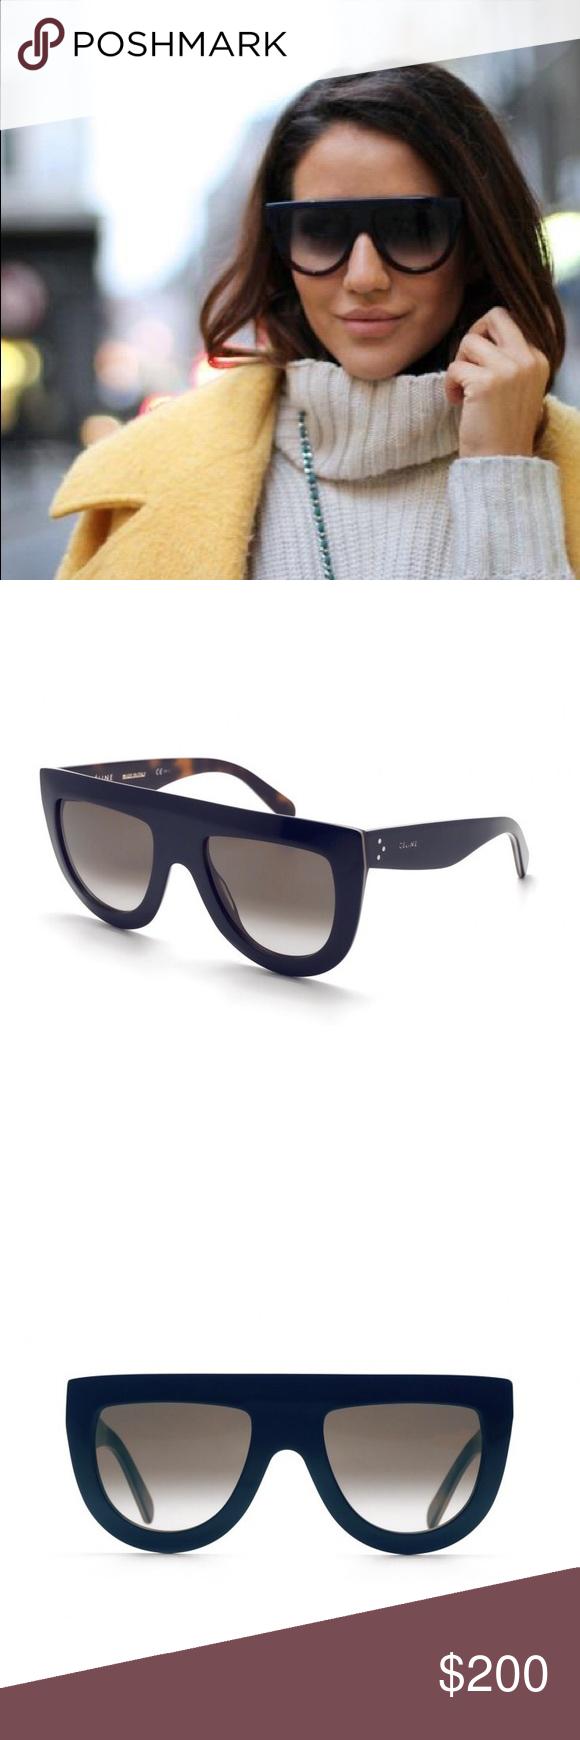 03f6115941 NEW    Céline Andrea Flat Top Sunglasses Authentic Céline CL 41398 S 273 Z3